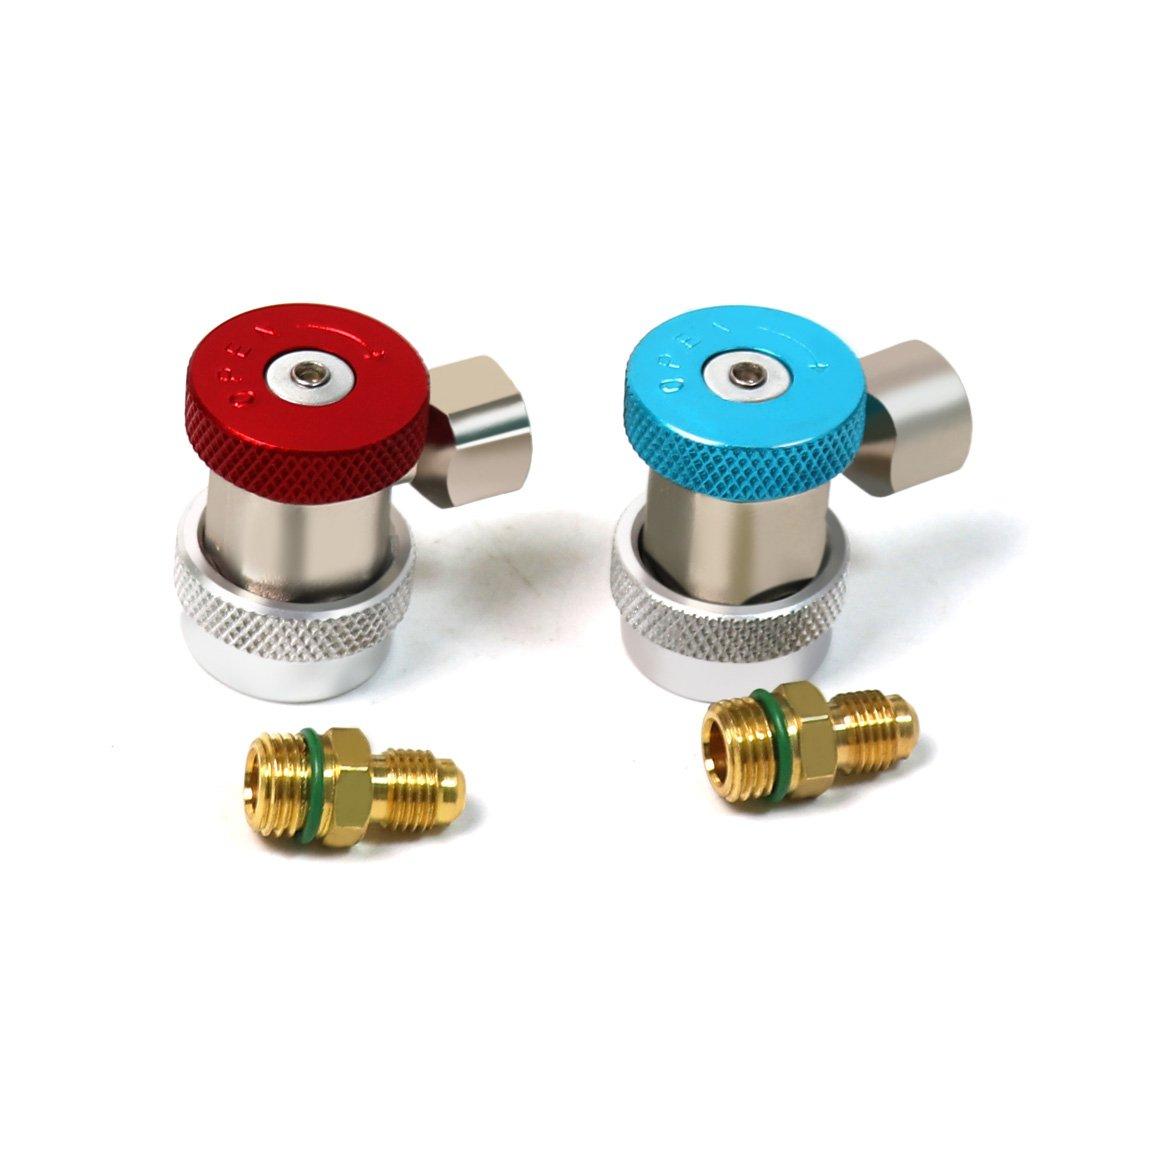 High /& Low Pressure1//4 Zoll SAE HVAC Auto Klimaanlage Adapter ATOPLEE Ac R134a System Port Schnellwechsler-Stecker-Adapter